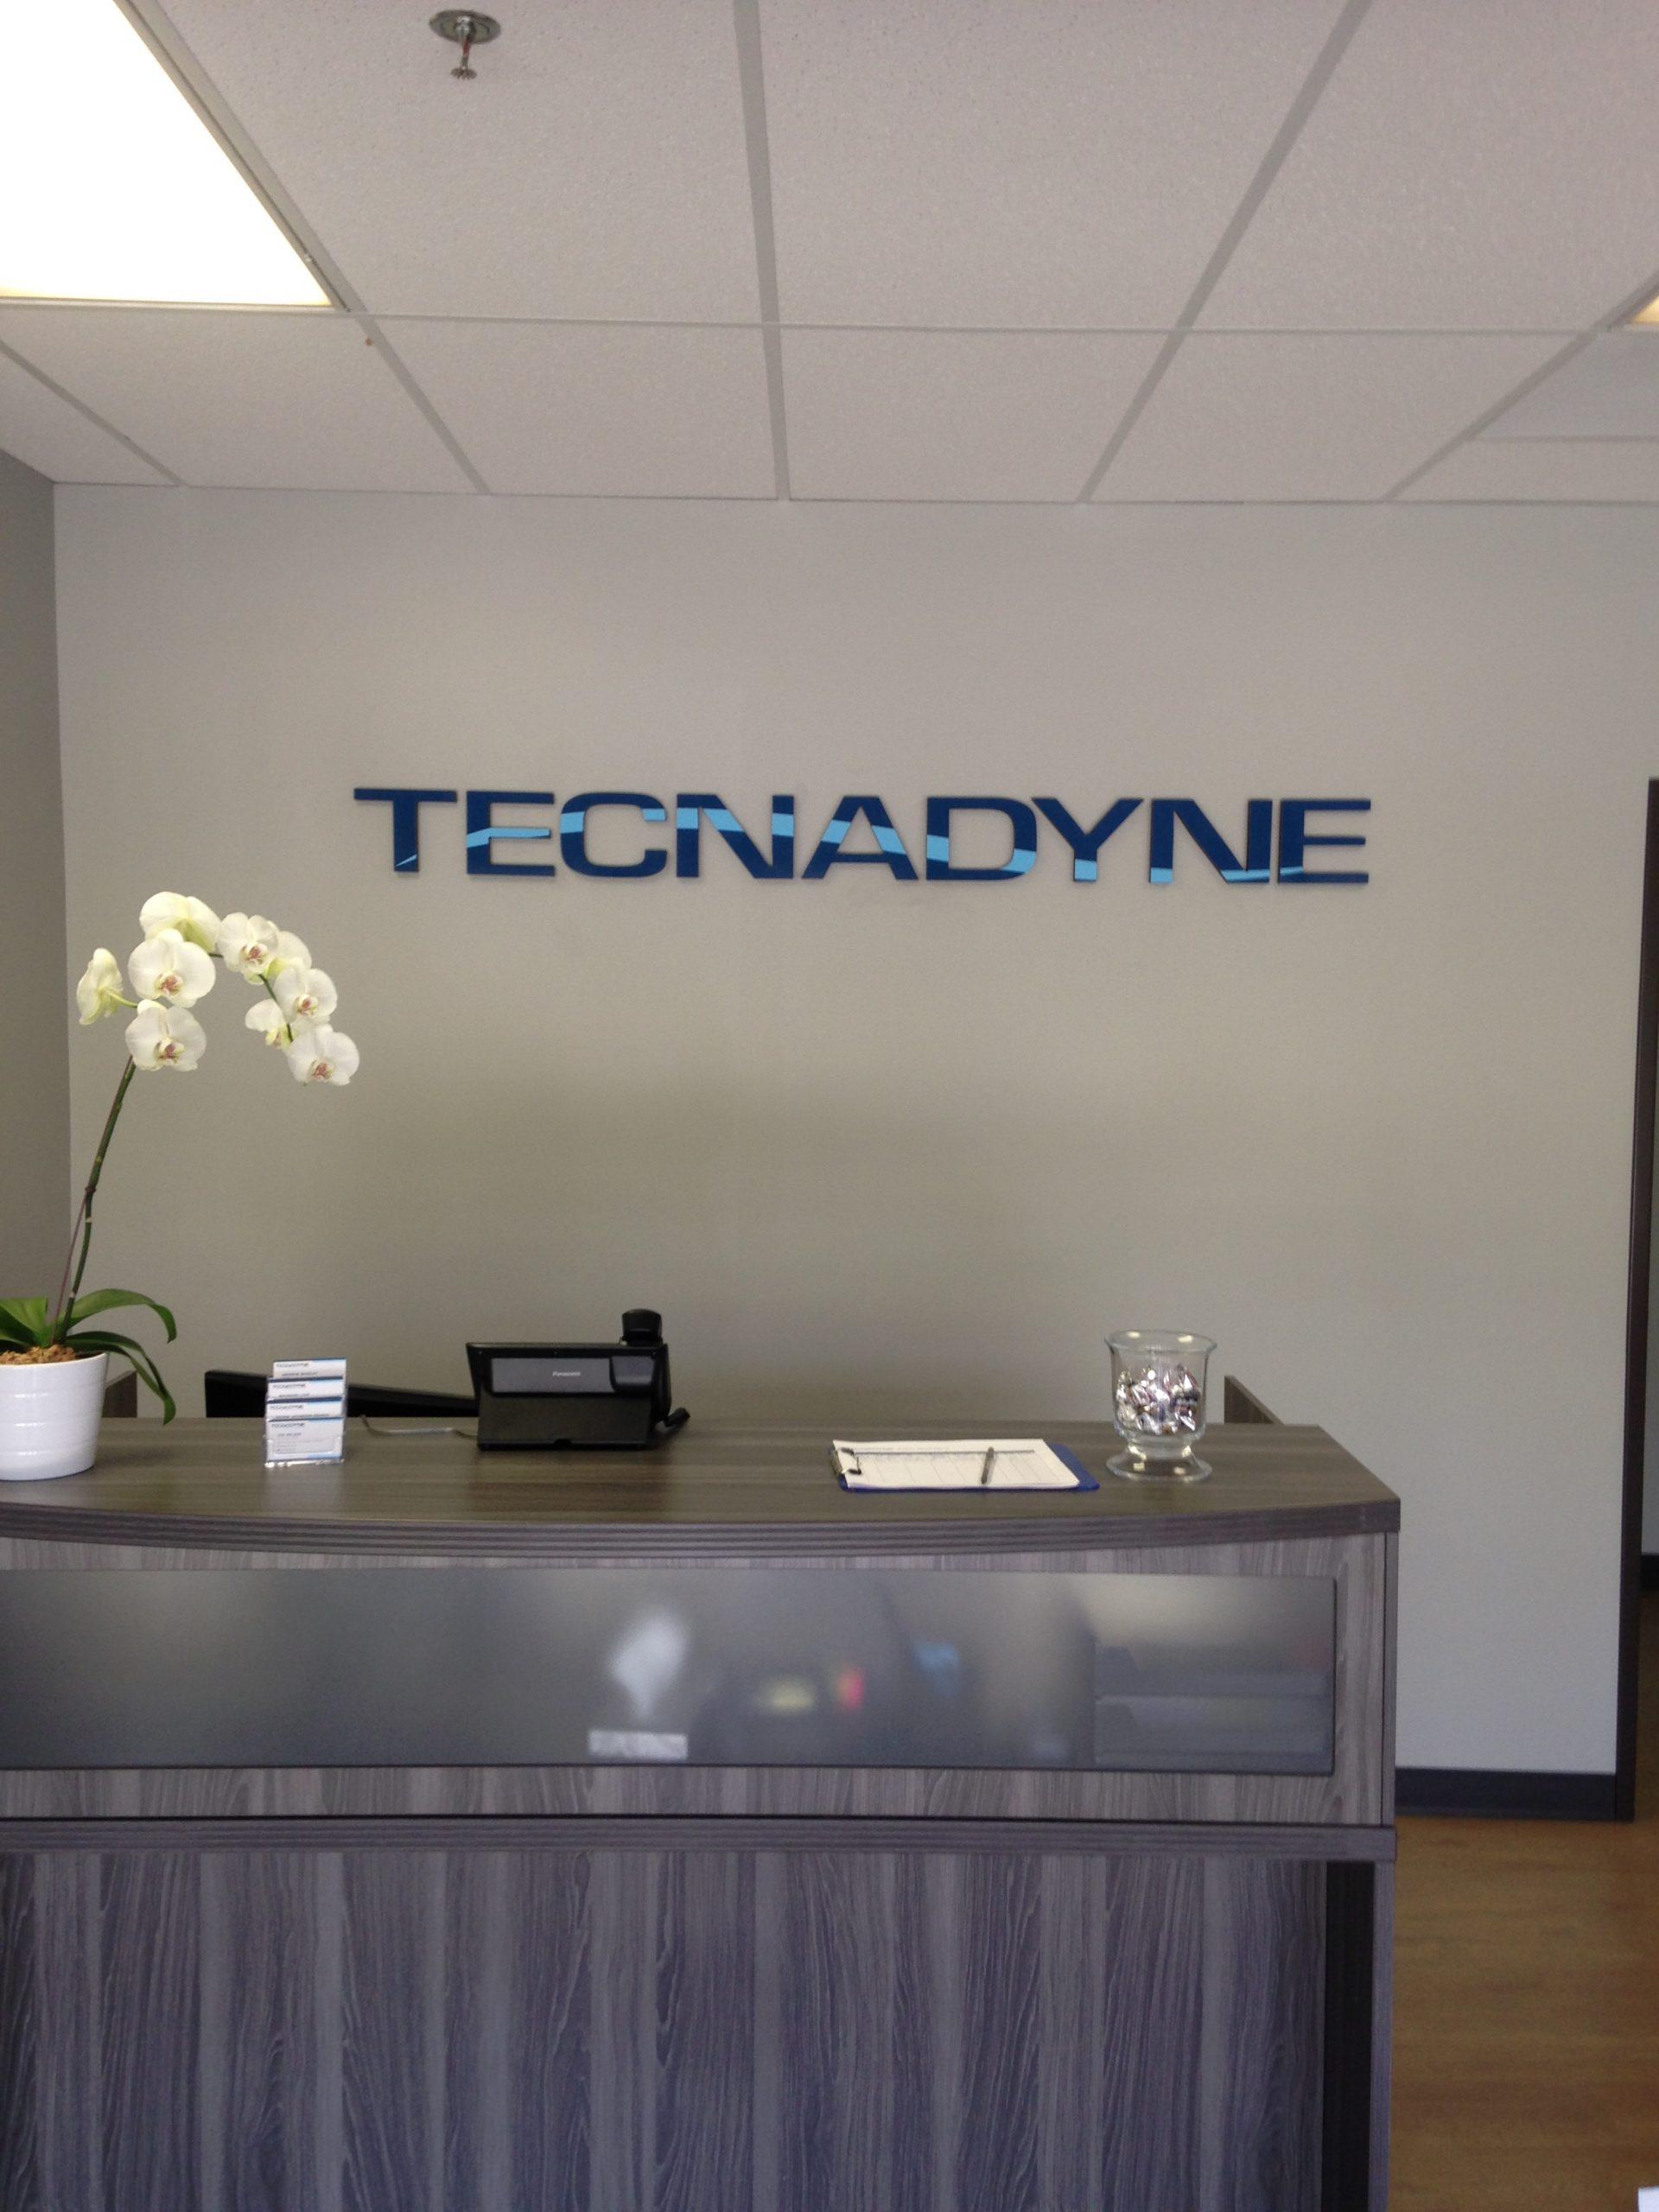 Lobby Sign for Tecnadyne